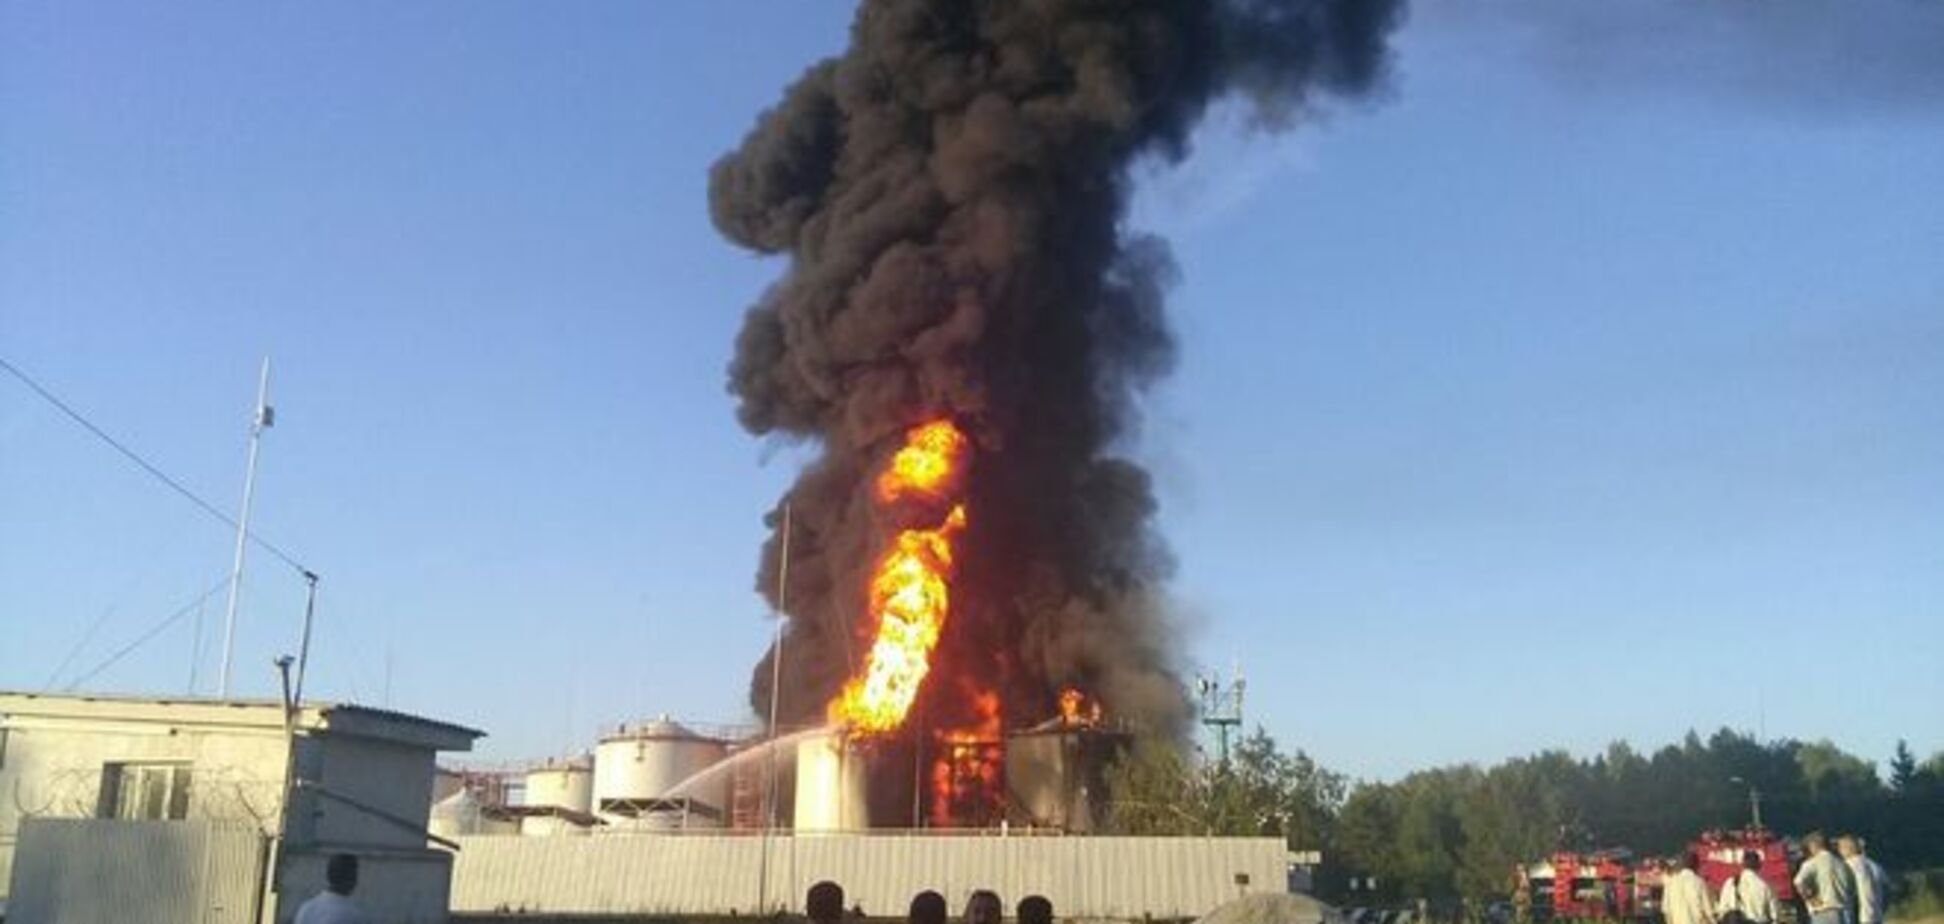 Пожар на нефтебазе в Василькове: СМИ сообщили о выросшем числе жертв